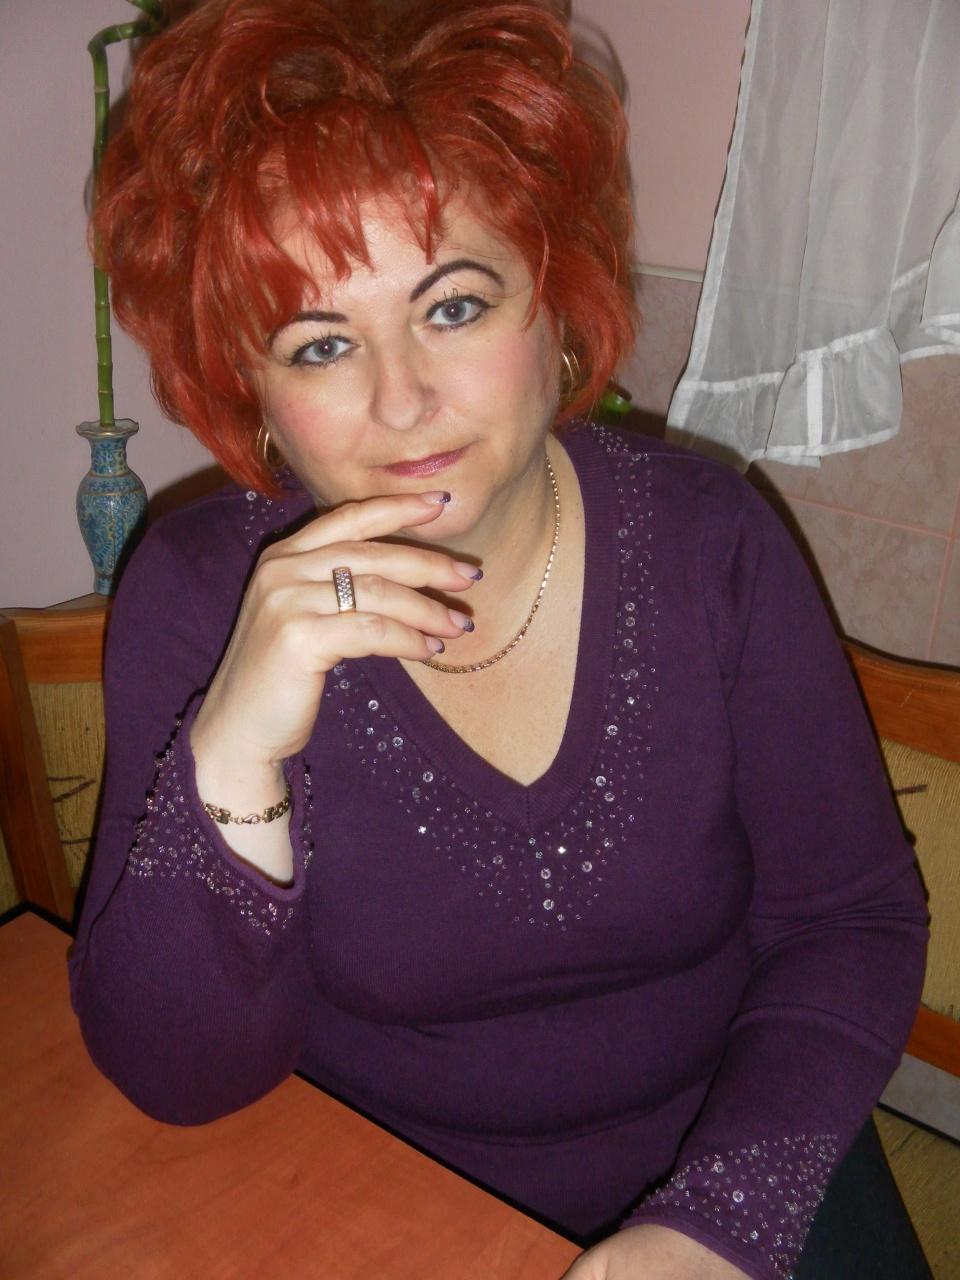 Ida anokuda társkereső fórum